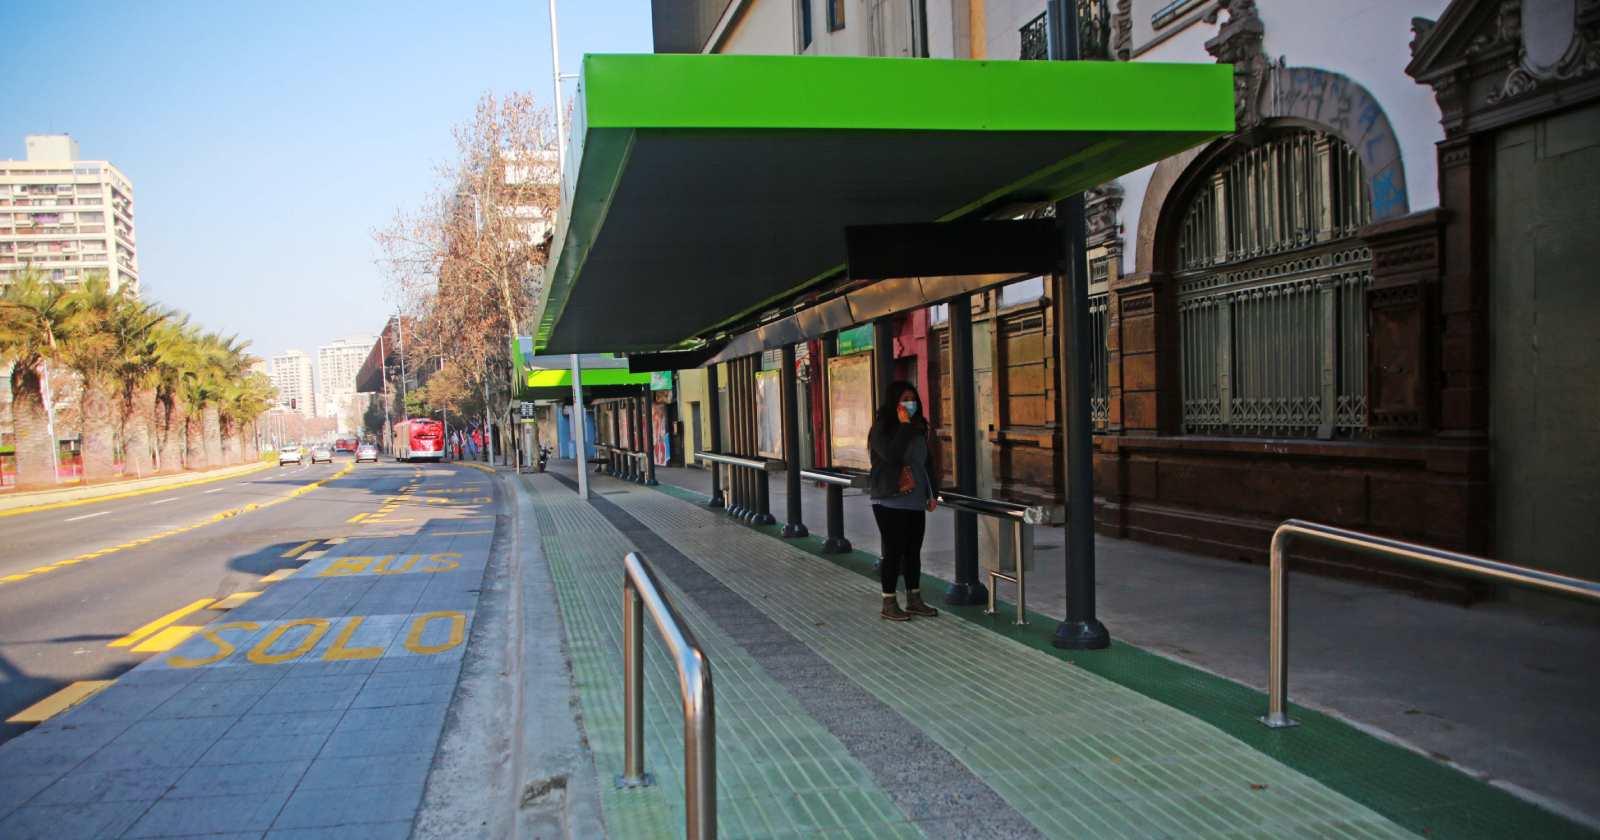 Desempleo en el Gran Santiago llegó a 14,1% en junio según estudio de la Universidad de Chile